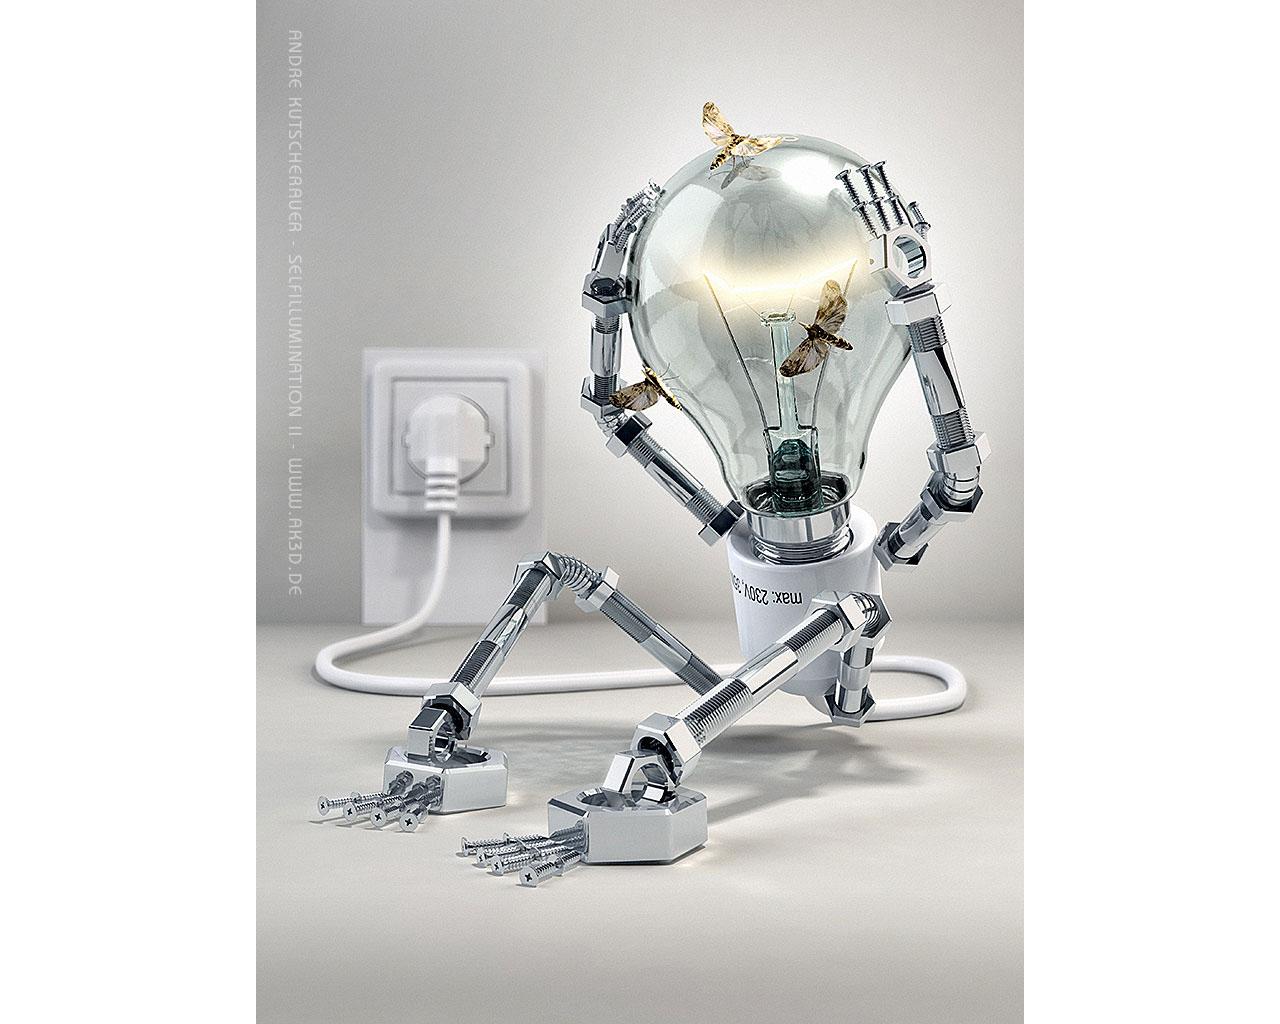 http://2.bp.blogspot.com/-fmuSj6_iis4/T_AlhUOXbVI/AAAAAAAAATQ/NoQFuom4vOI/s1600/Light-Bulb-4-O3LC03XRXC-1280x1024.jpg